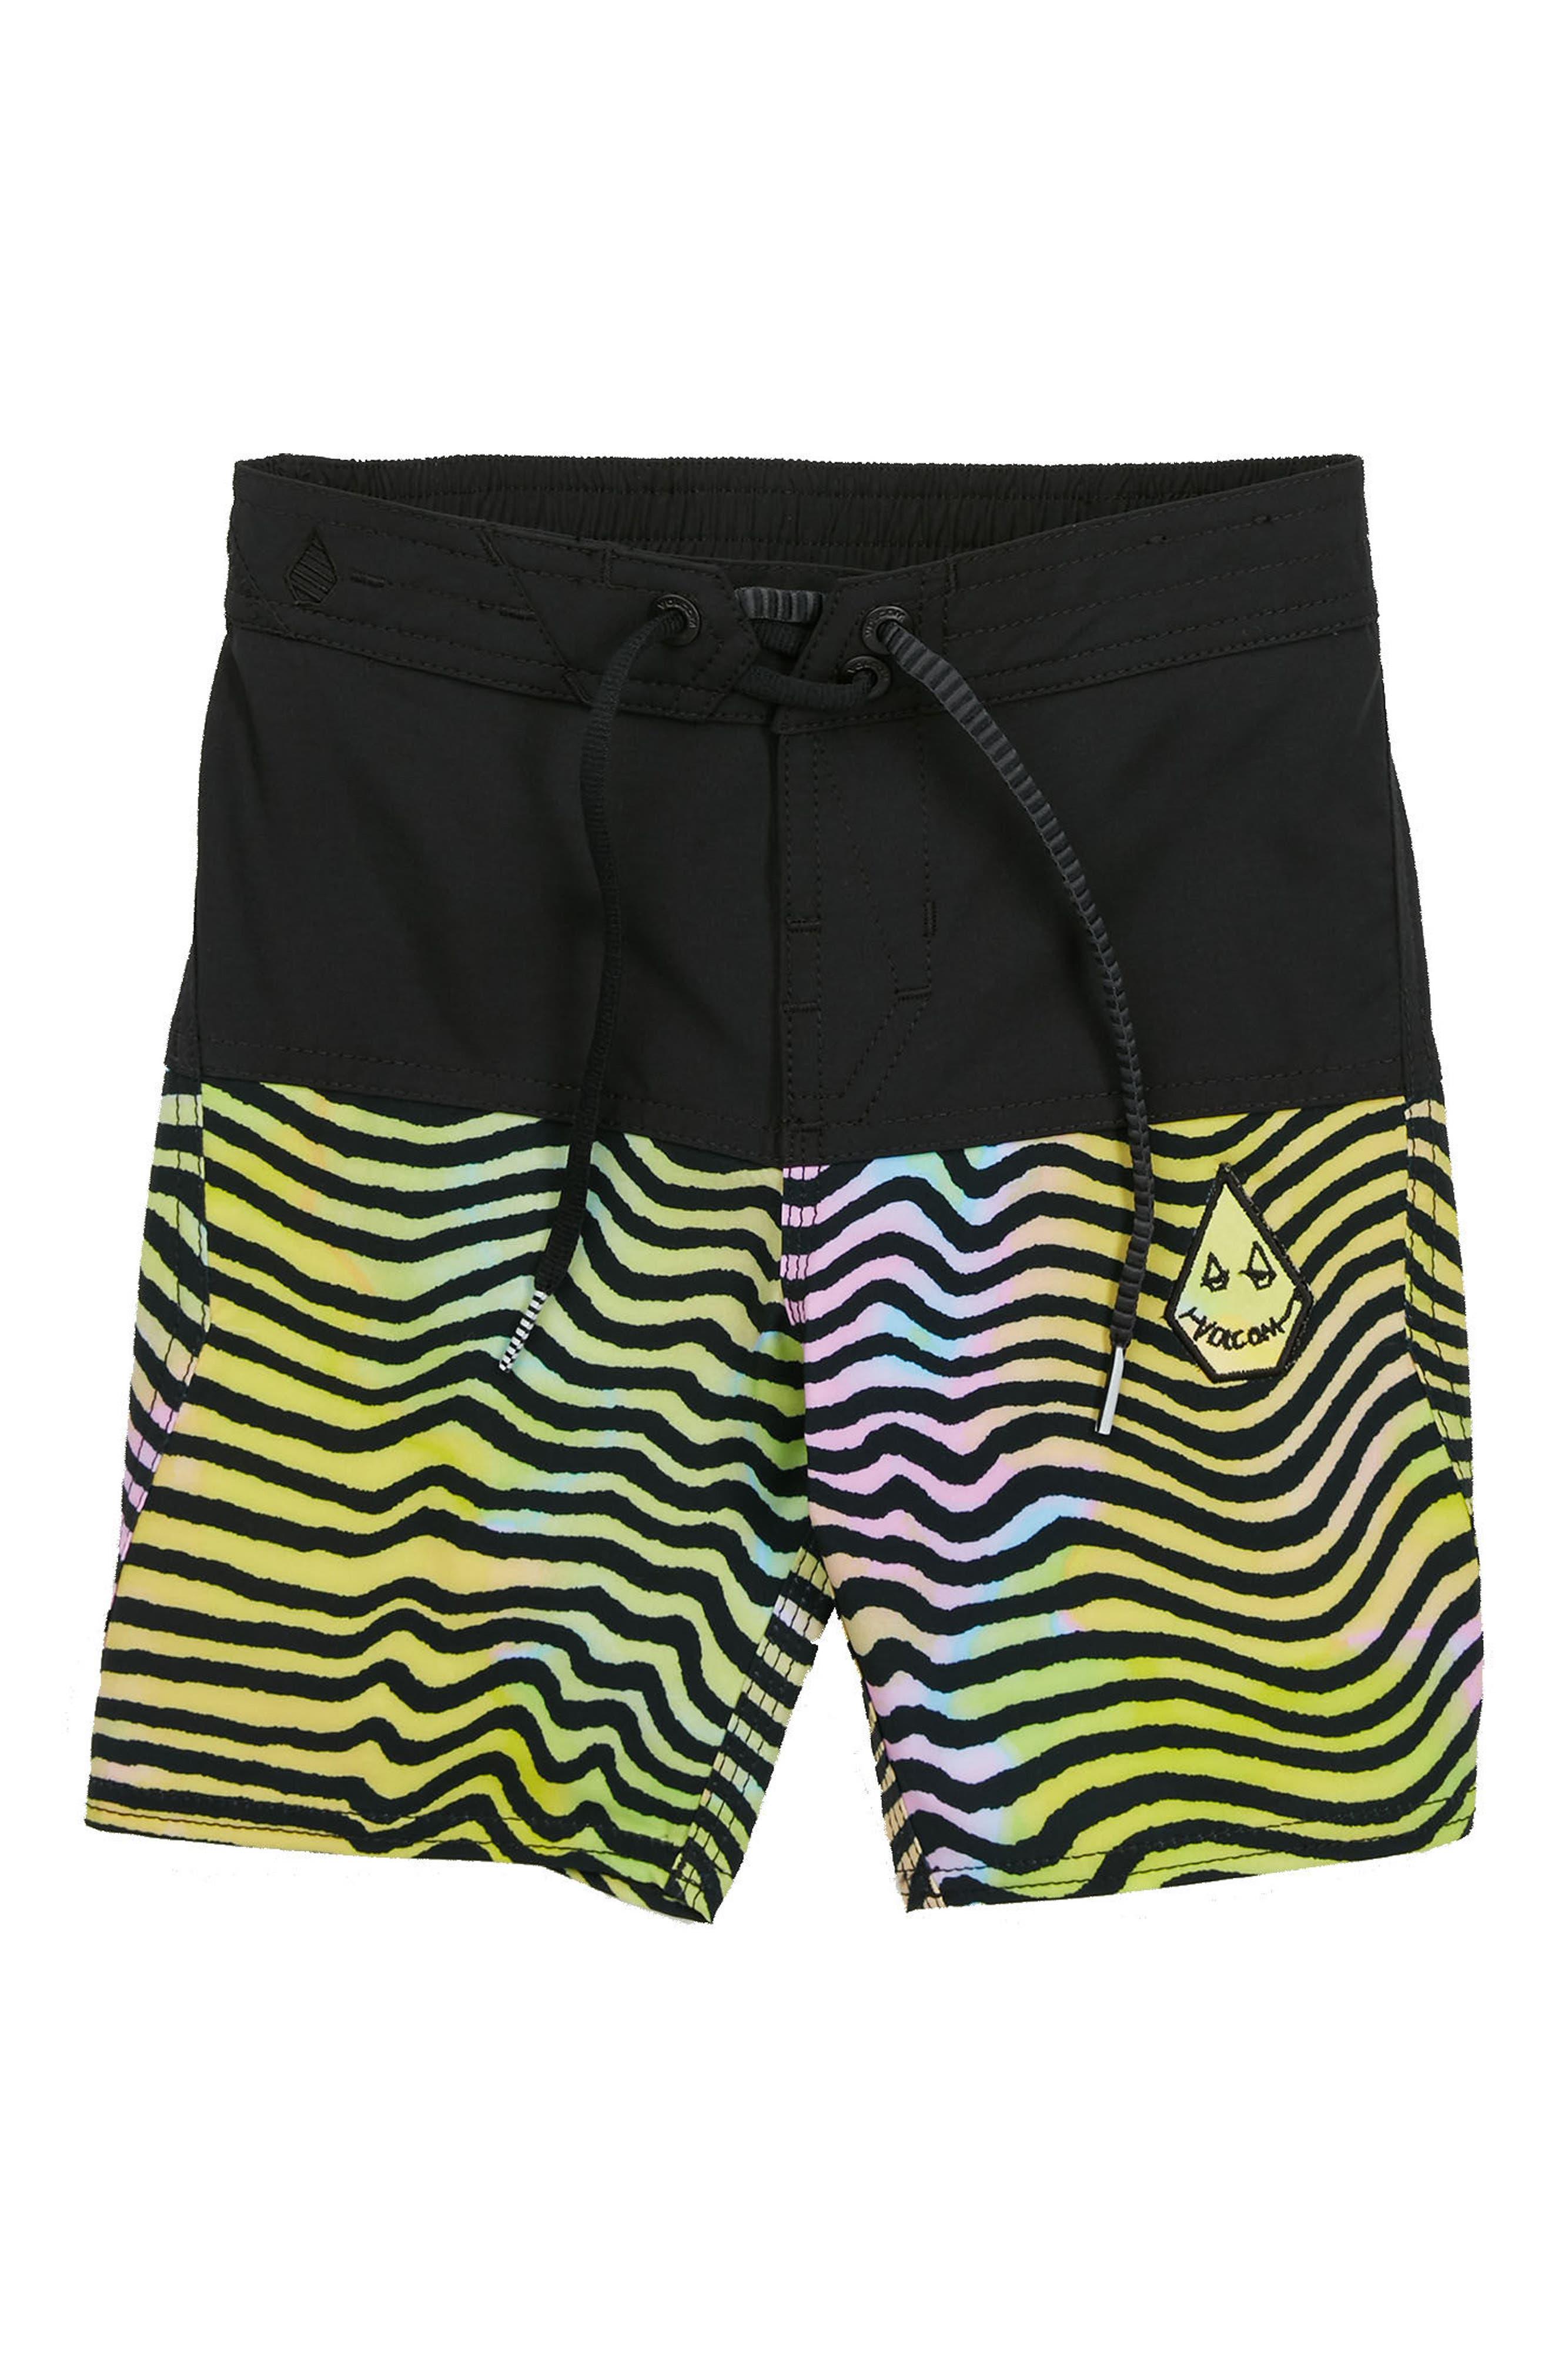 VOLCOM,                             Vibes Board Shorts,                             Main thumbnail 1, color,                             001